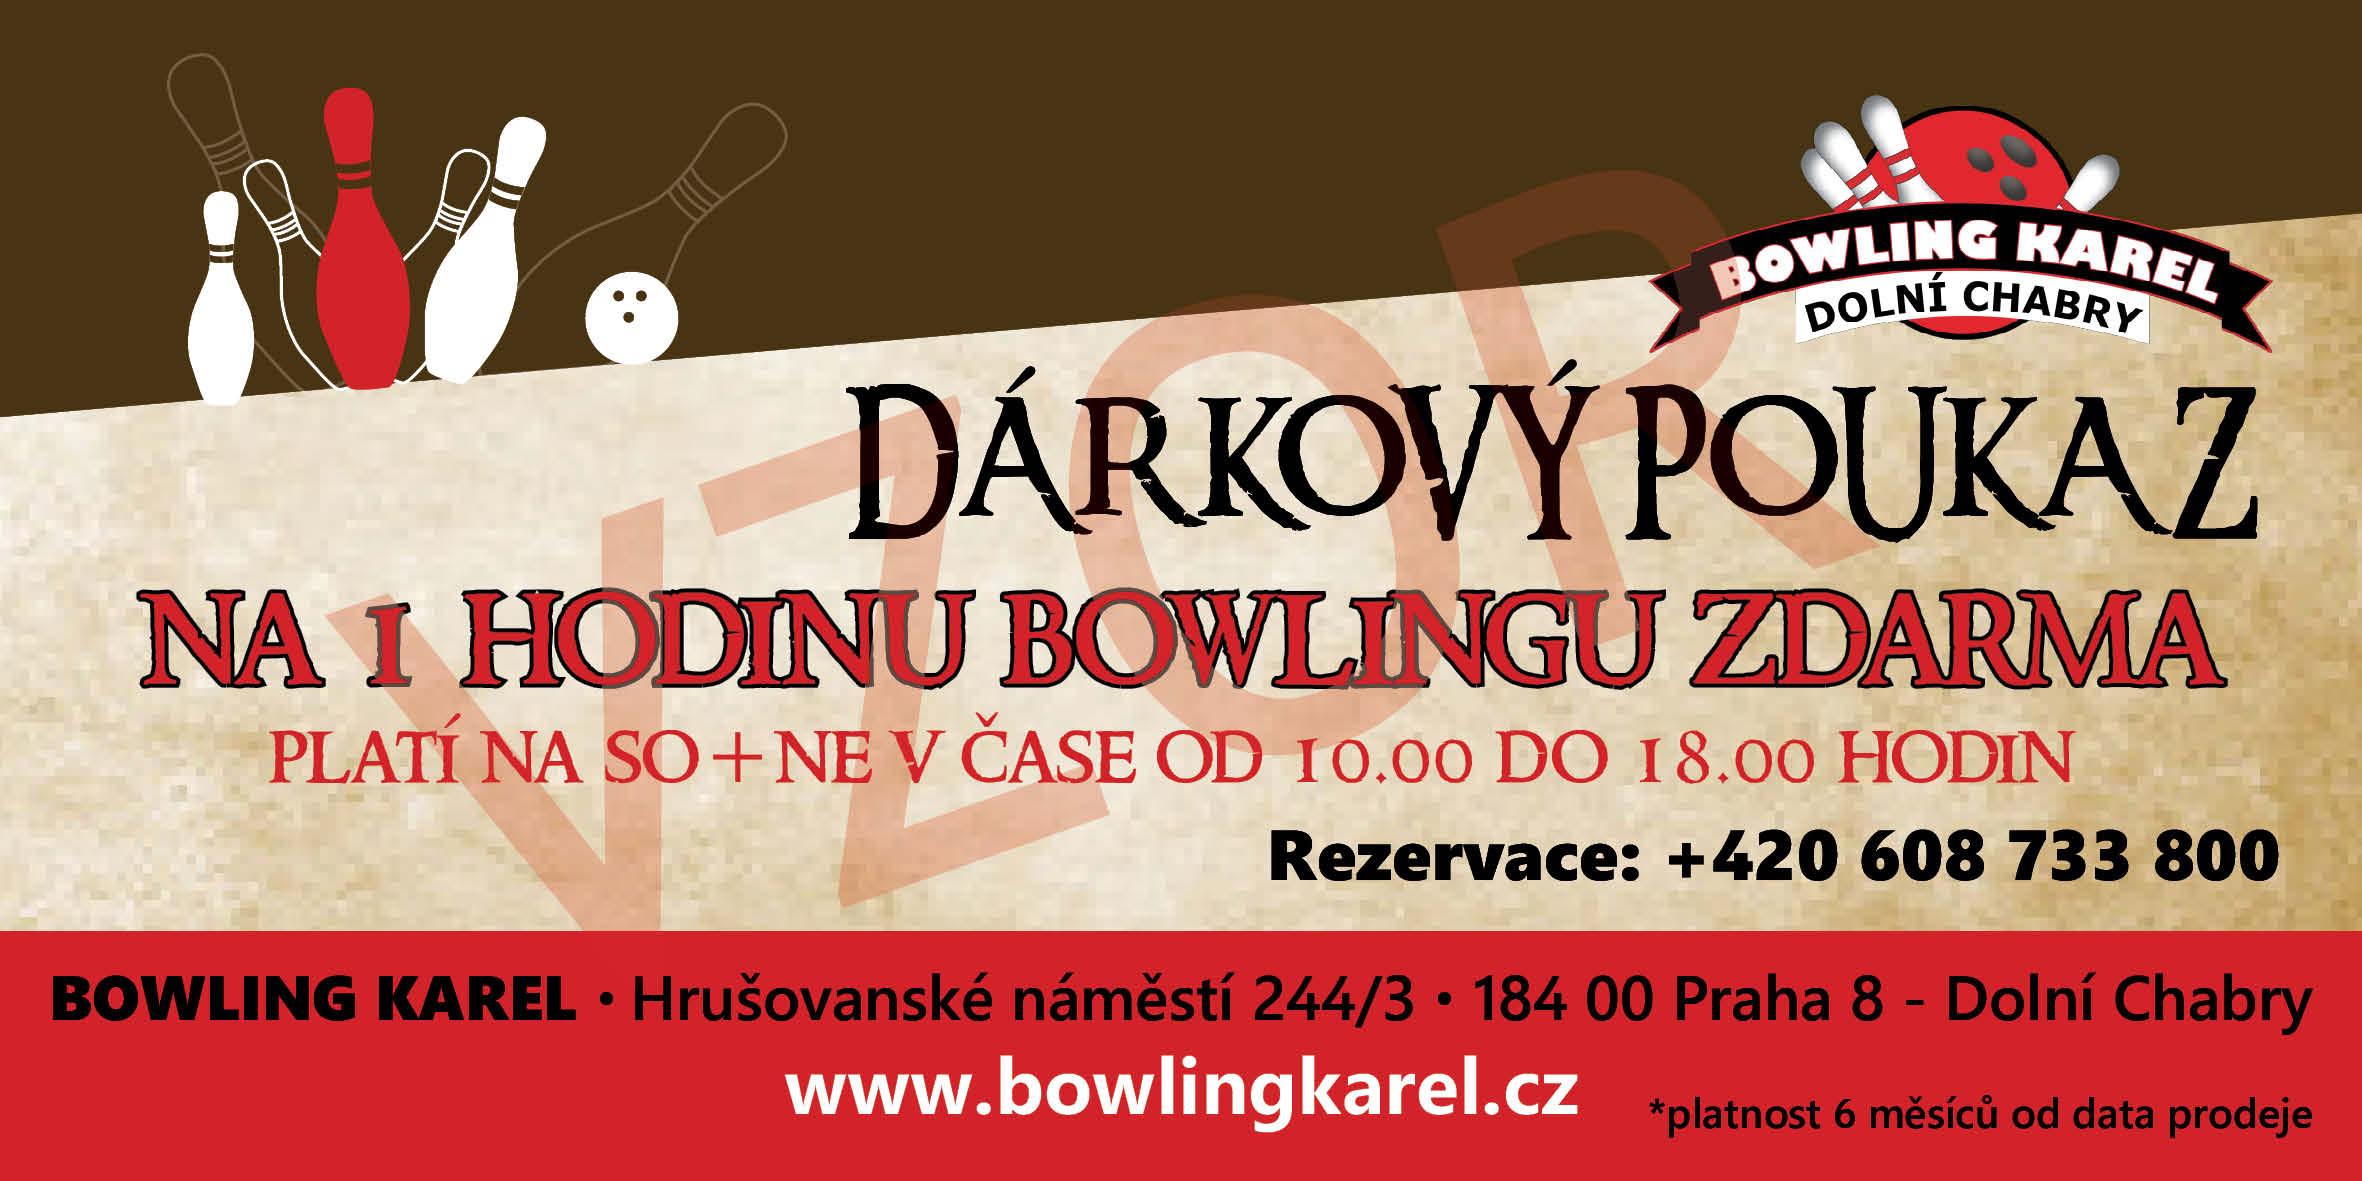 Dárkový poukaz na bowling KAREL